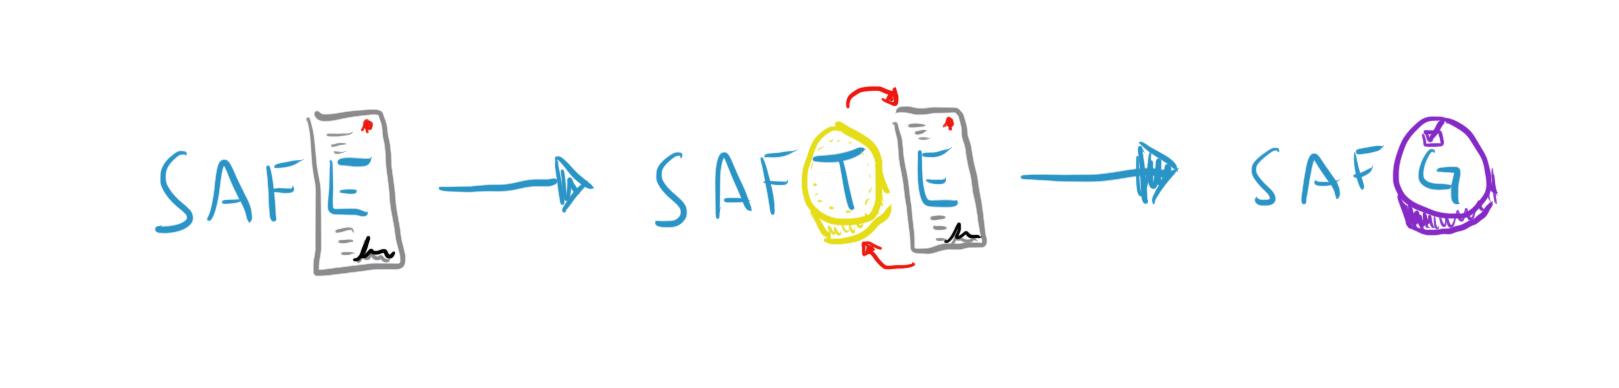 认识SAFG:DeFi的参与式投资和协议开发新框架